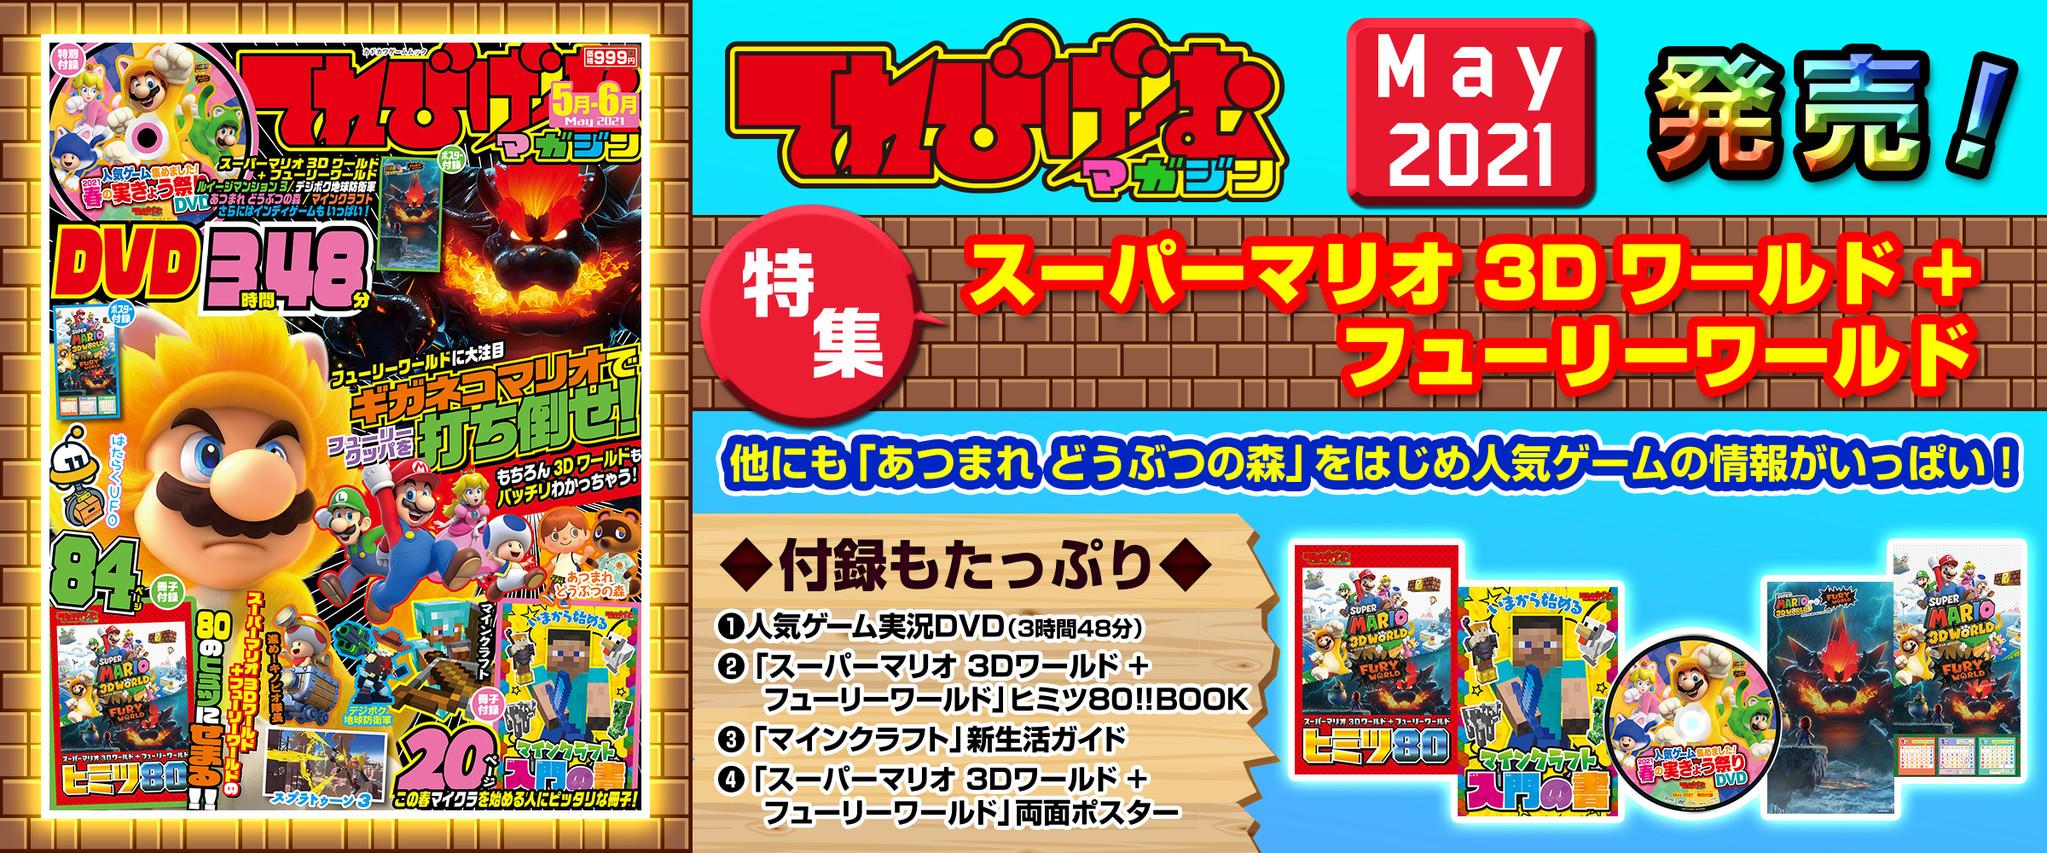 スーパー マリオ 3d ワールド 攻略